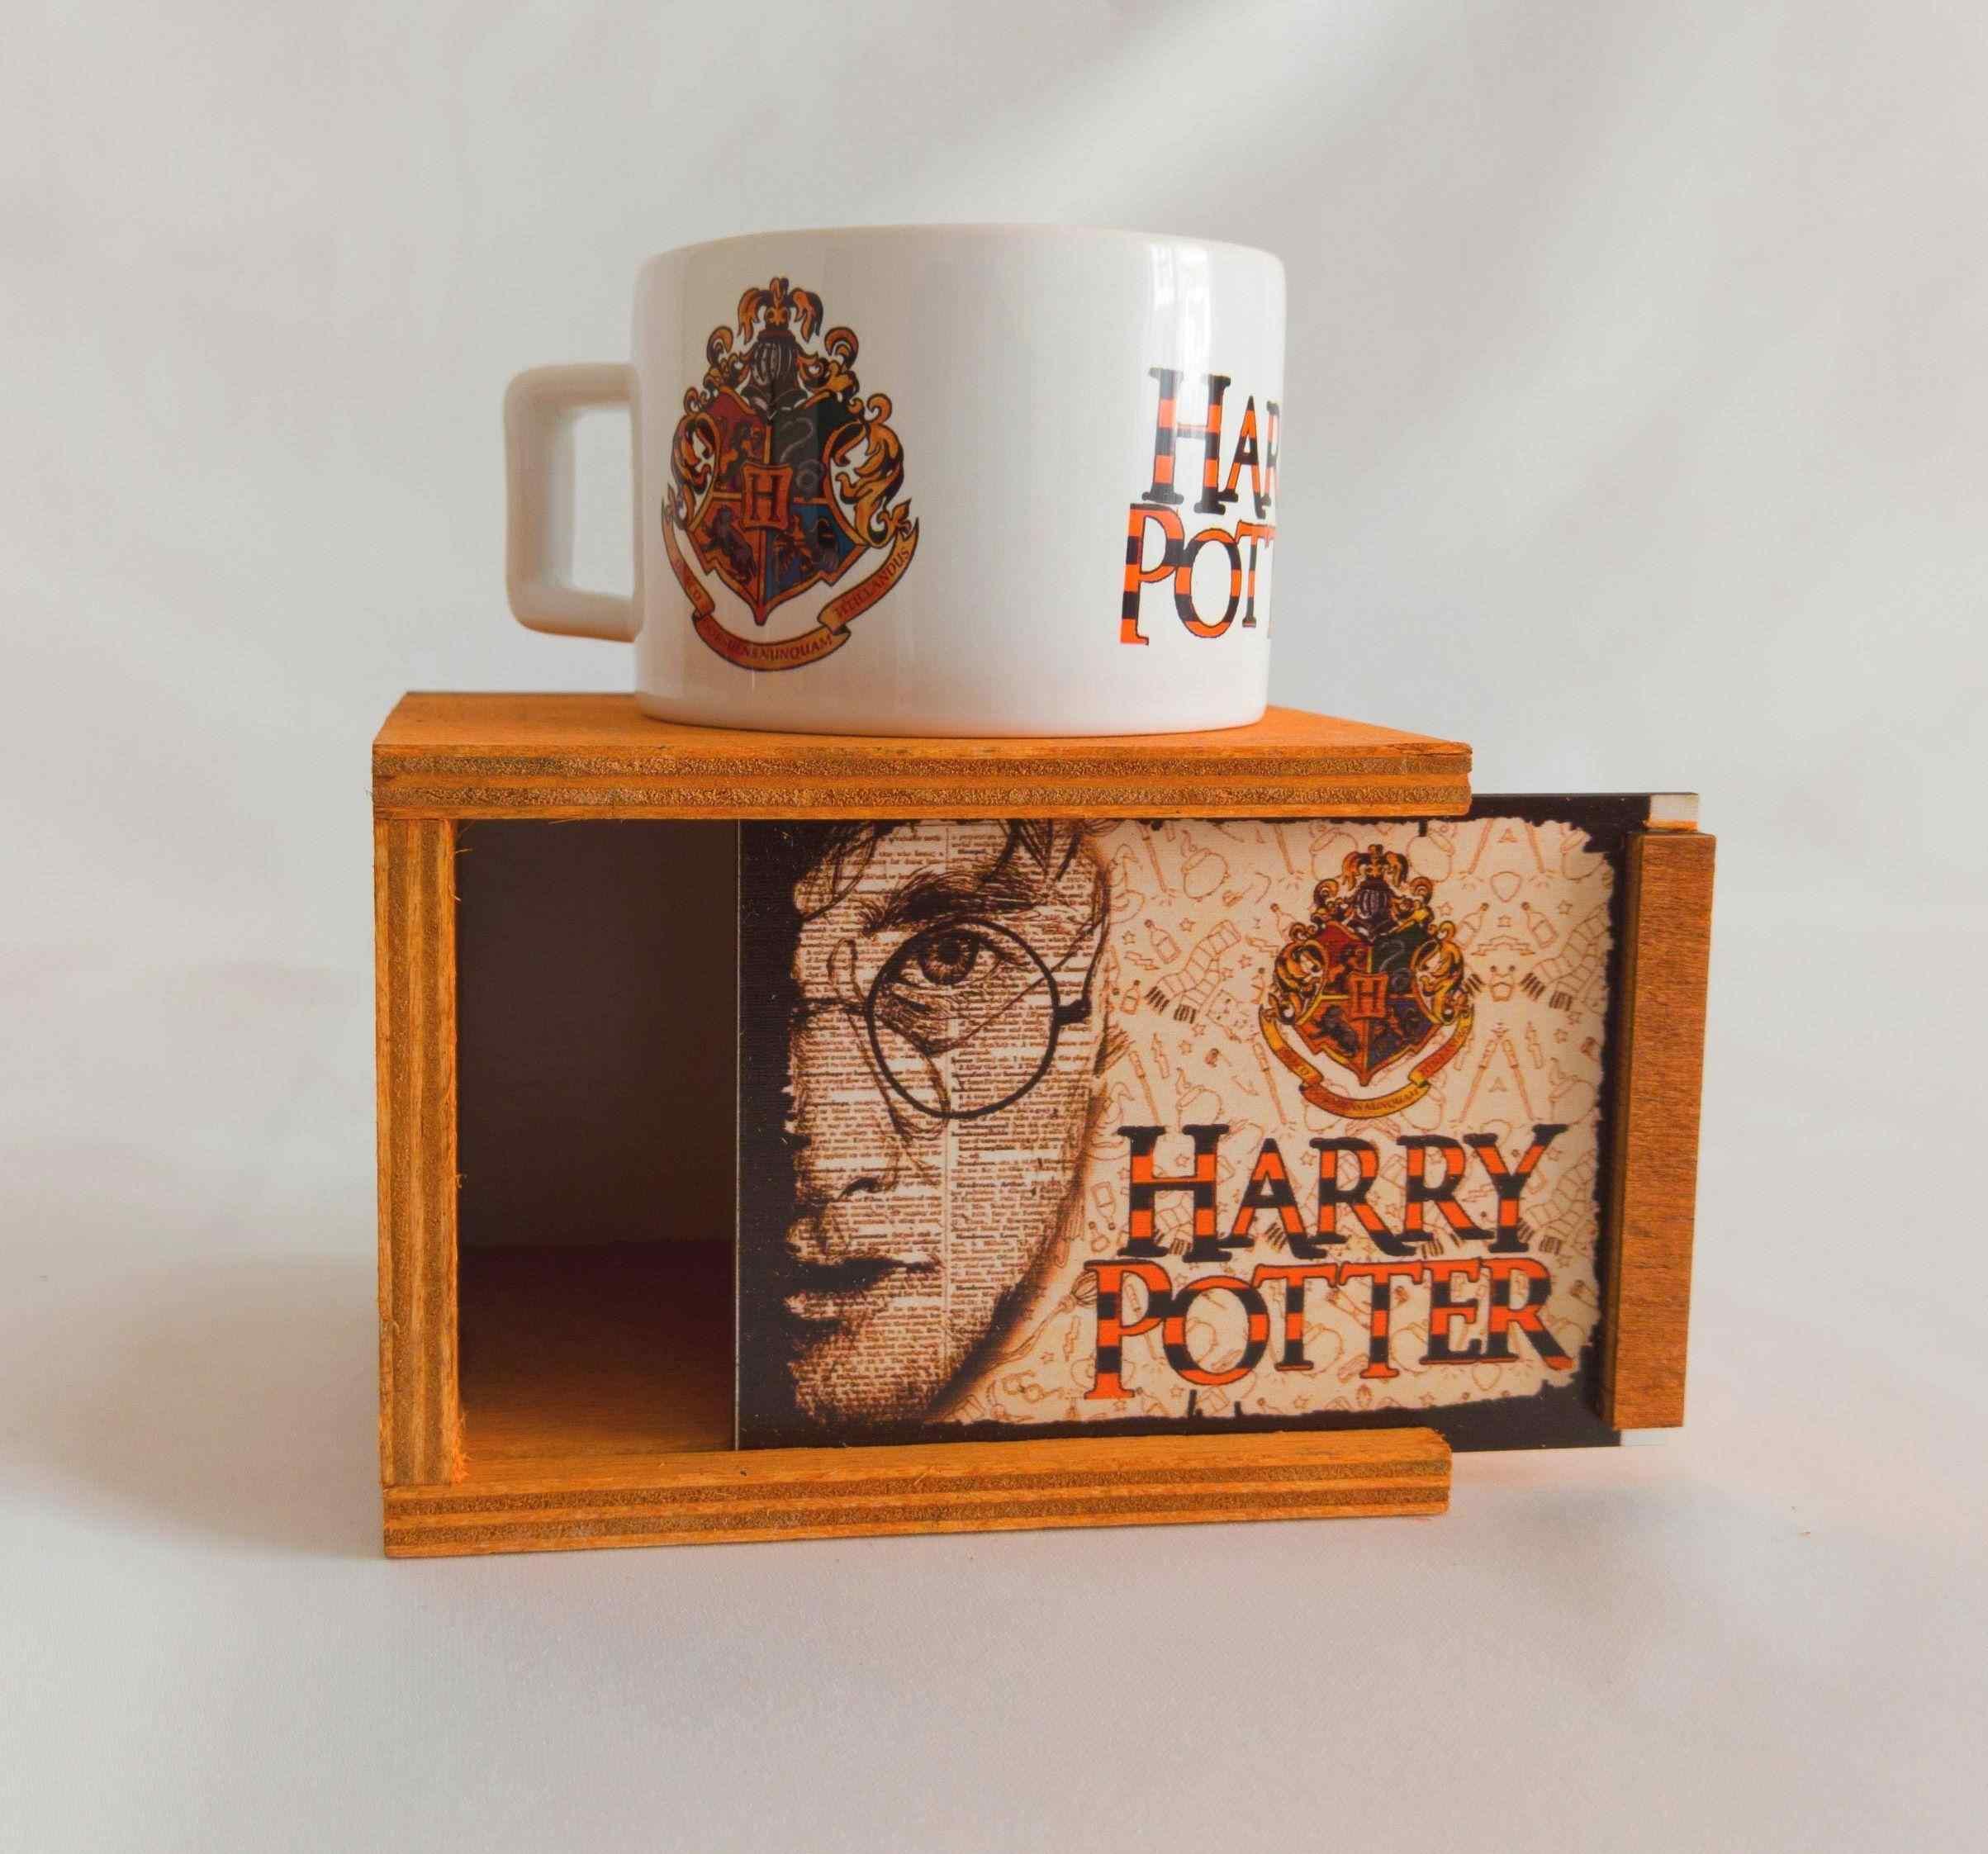 Harry Potter Hogwarts Kabul Davet Mektubu Yastığı, Mektup Ve Kutulu Kupa Arkadaşa Hediye Unutulmaz 3Lü Set